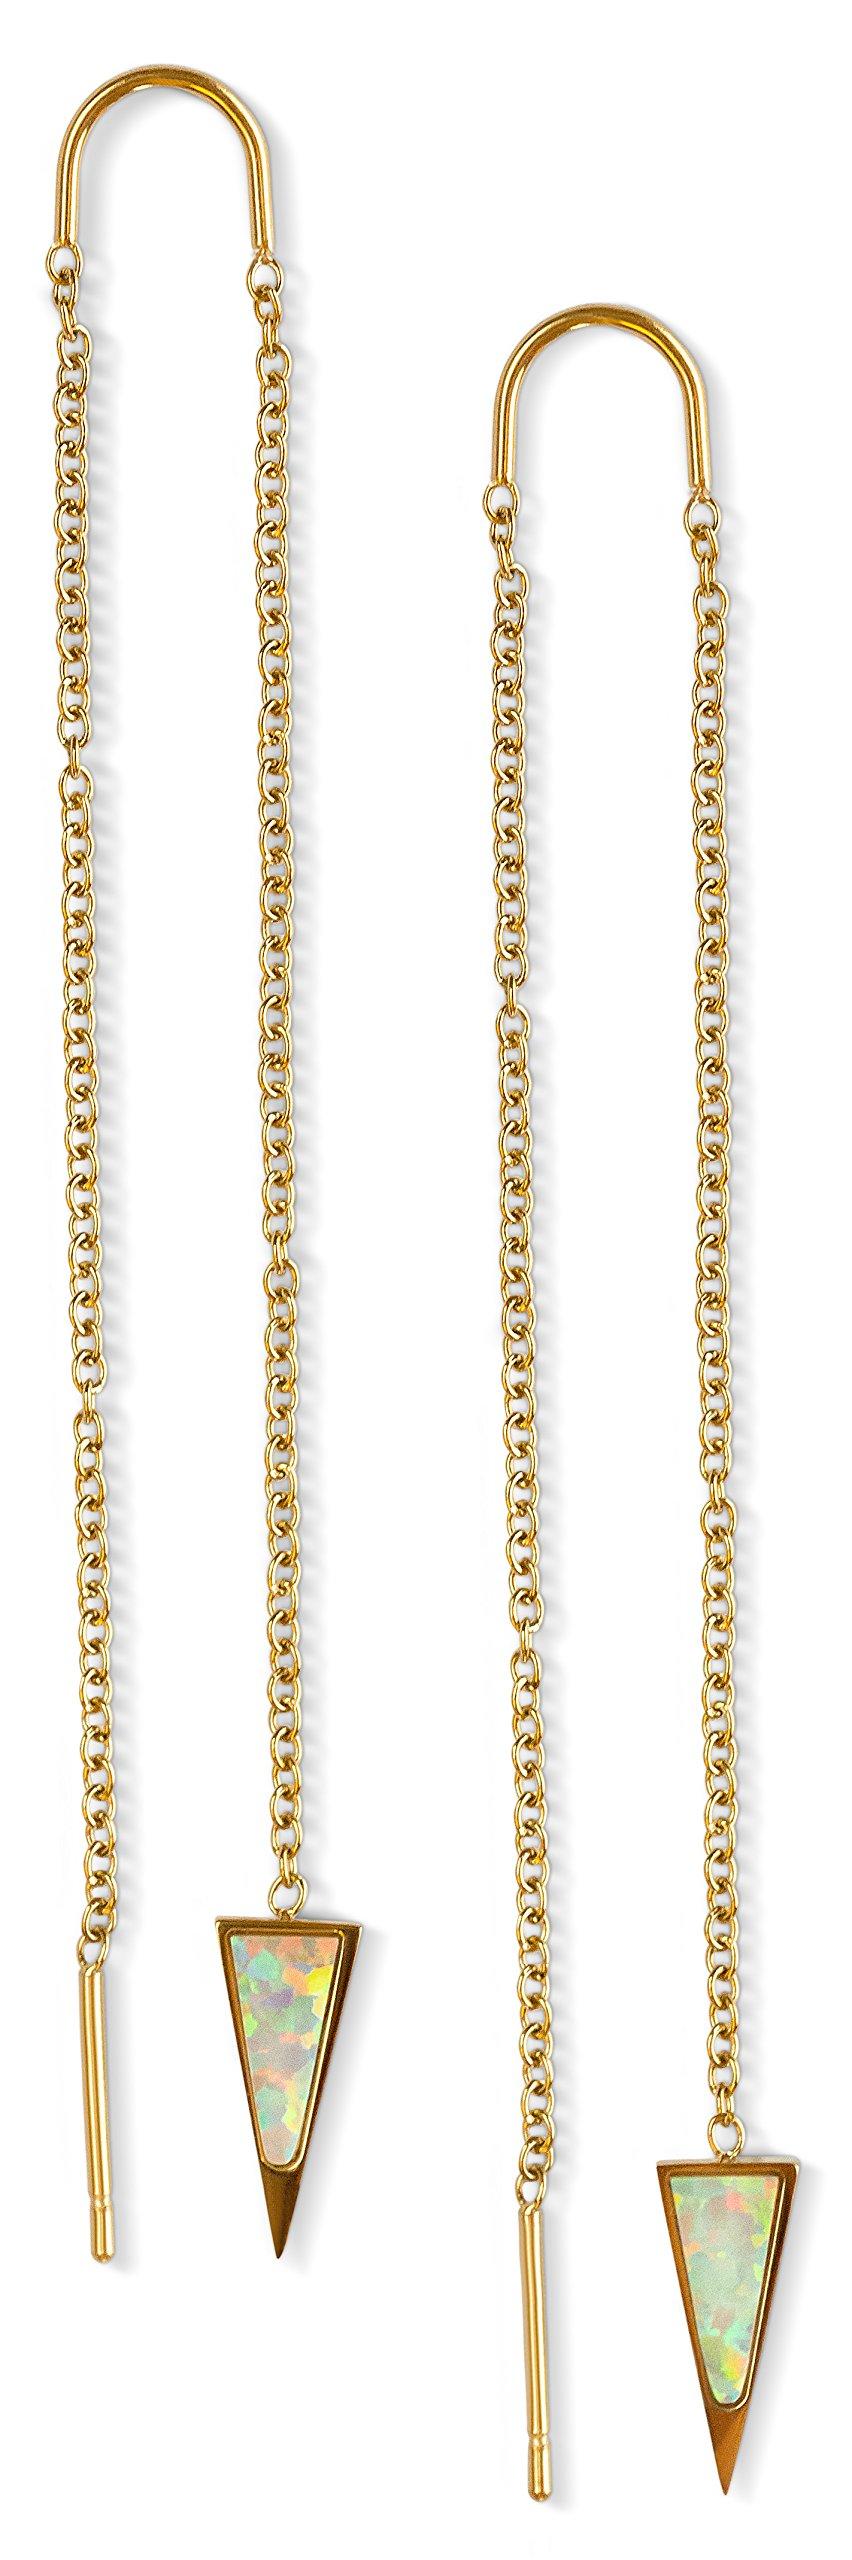 Threader Earrings Dangle Drop Opal Dagger: Thread 14k Gold Dipped Long Chain Earring for Women Nickel Free Hypoallergenic Ear Hook